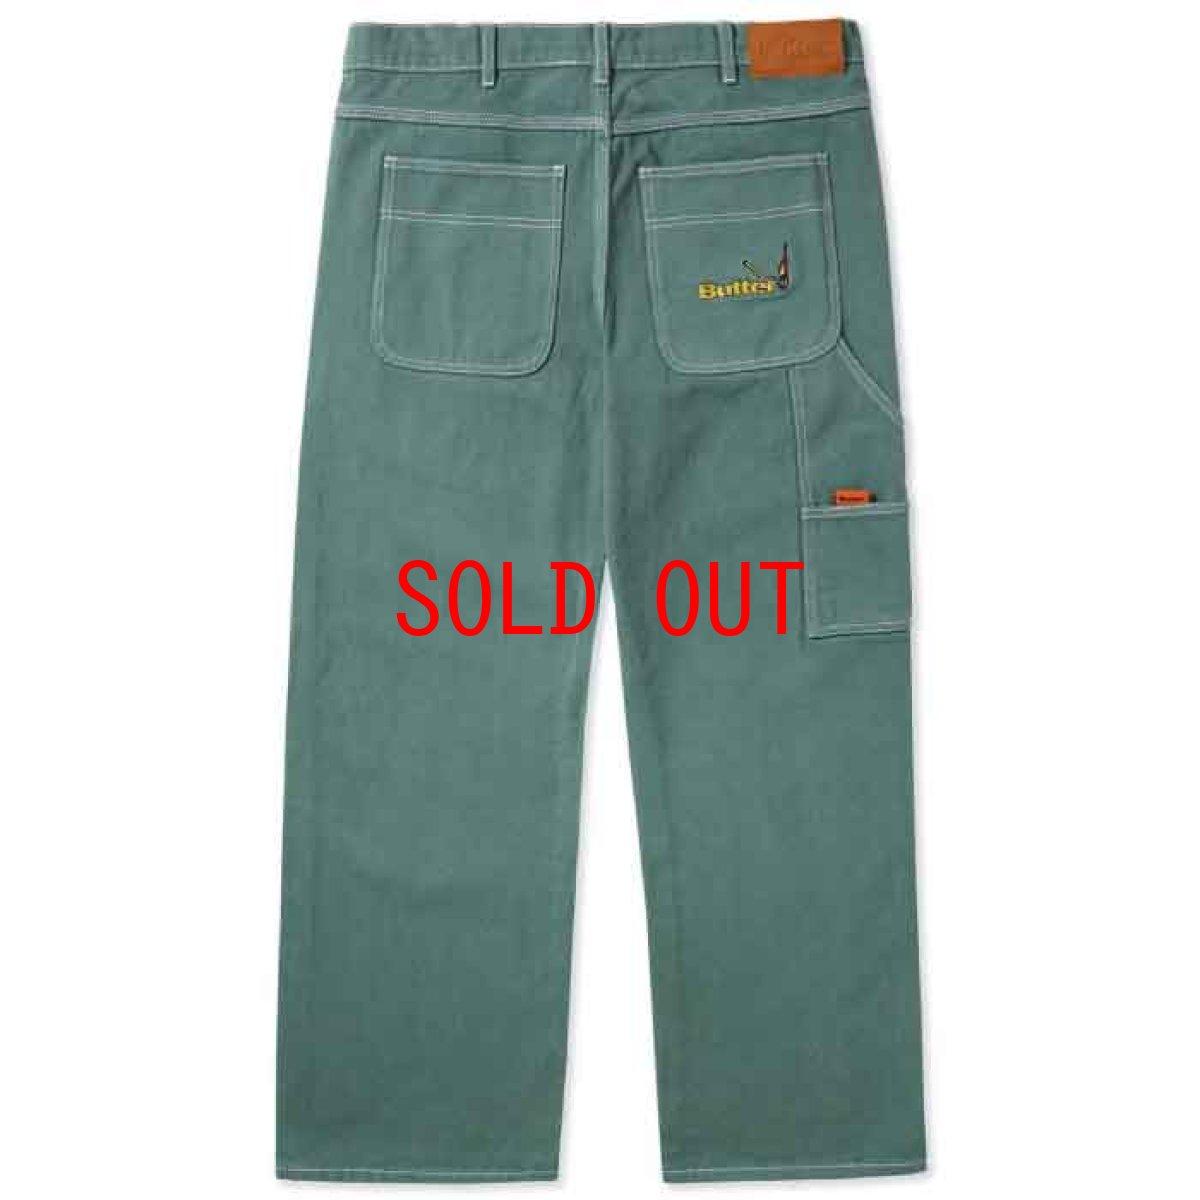 画像1: Overdye Denim Work Pants オーバーダイ カラー デニム ワーク パンツ Alpine Green グリーン (1)